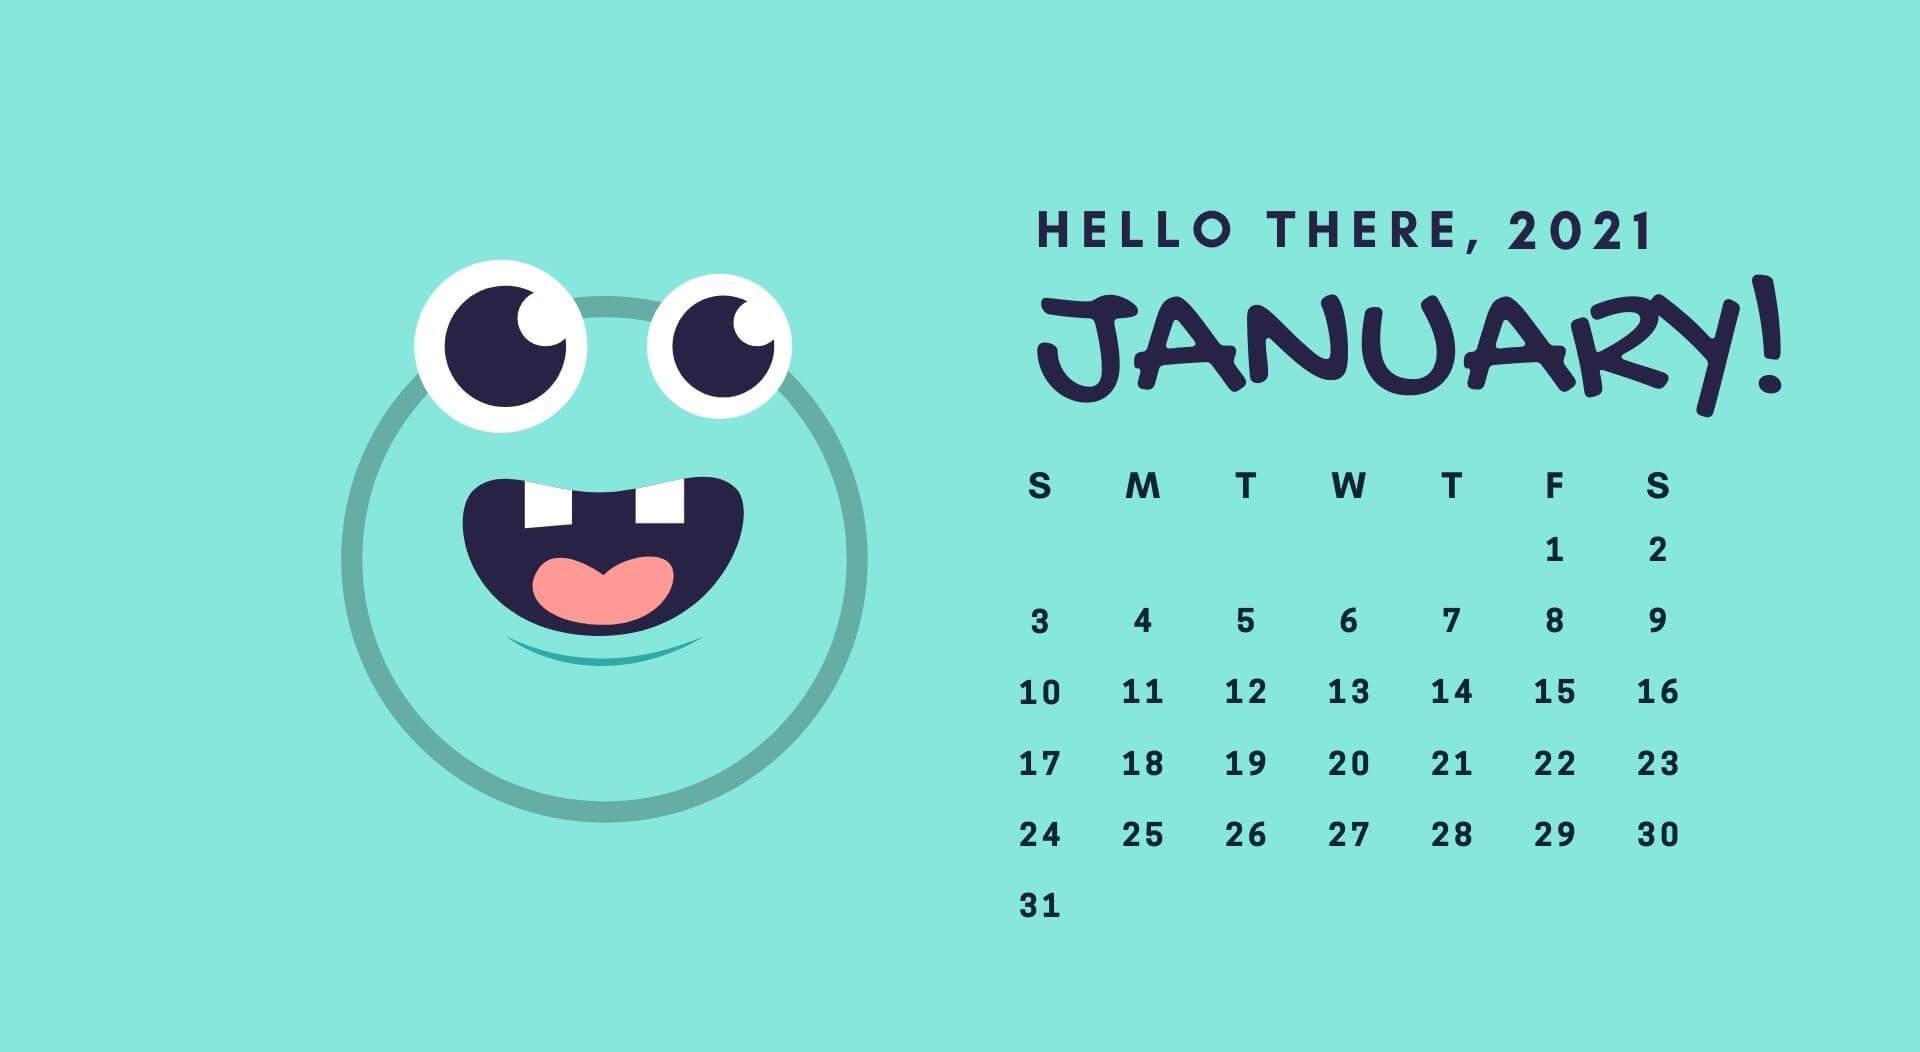 January 2021 HD Calendar Wallpaper